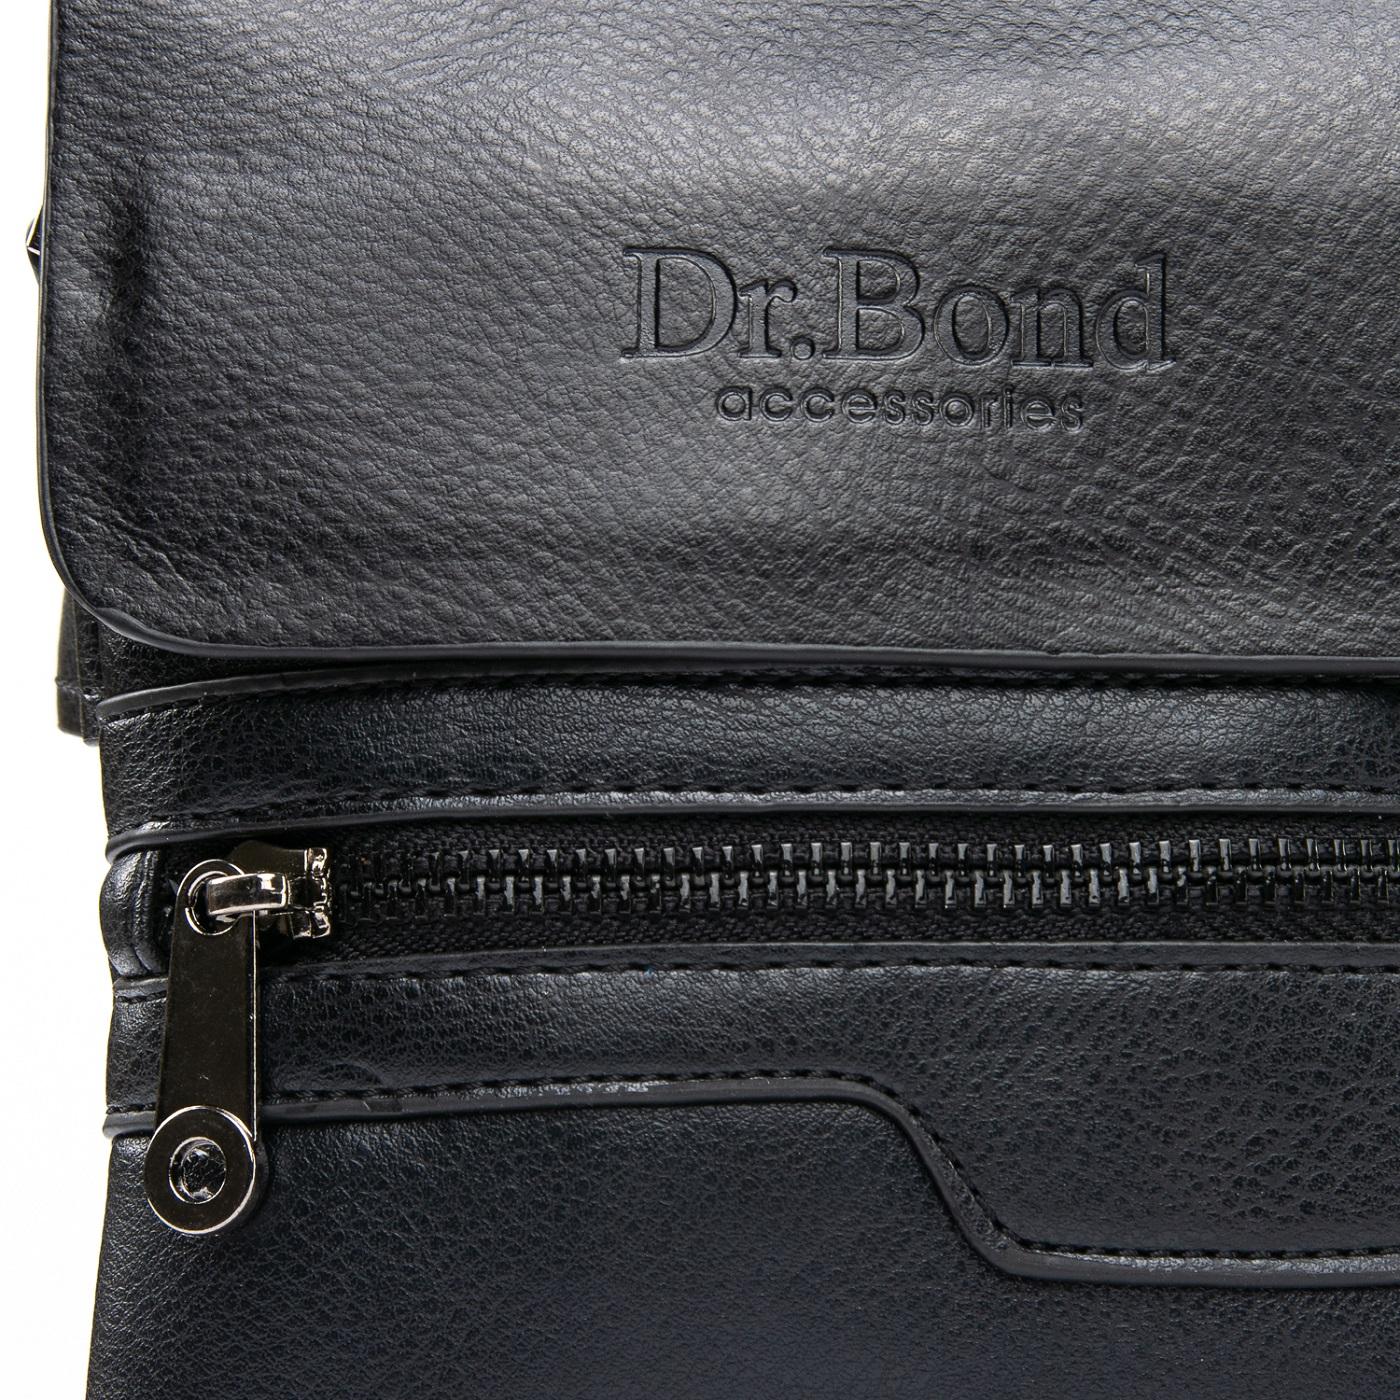 Сумка Мужская Планшет иск-кожа DR. BOND GL 303-0 black - фото 3